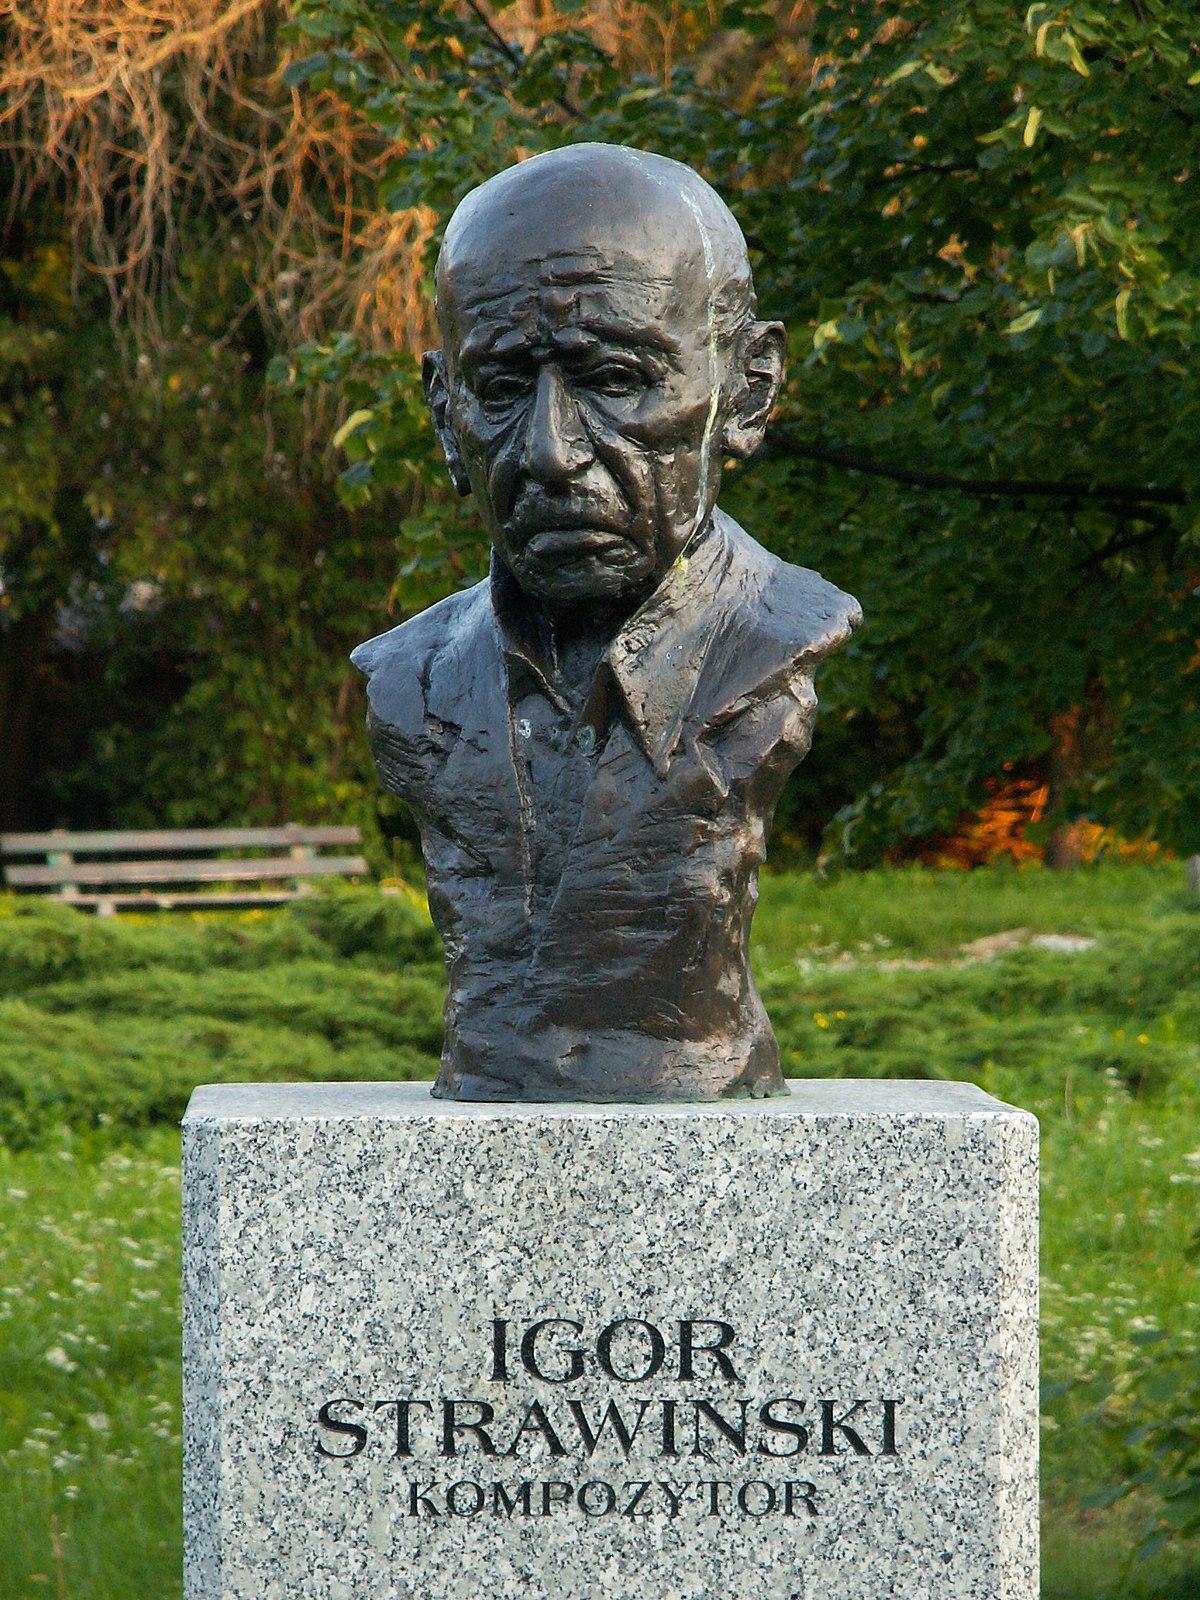 File:Popiersie Igor Strawiński ssj 20060914.jpg - Wikimedia Commons